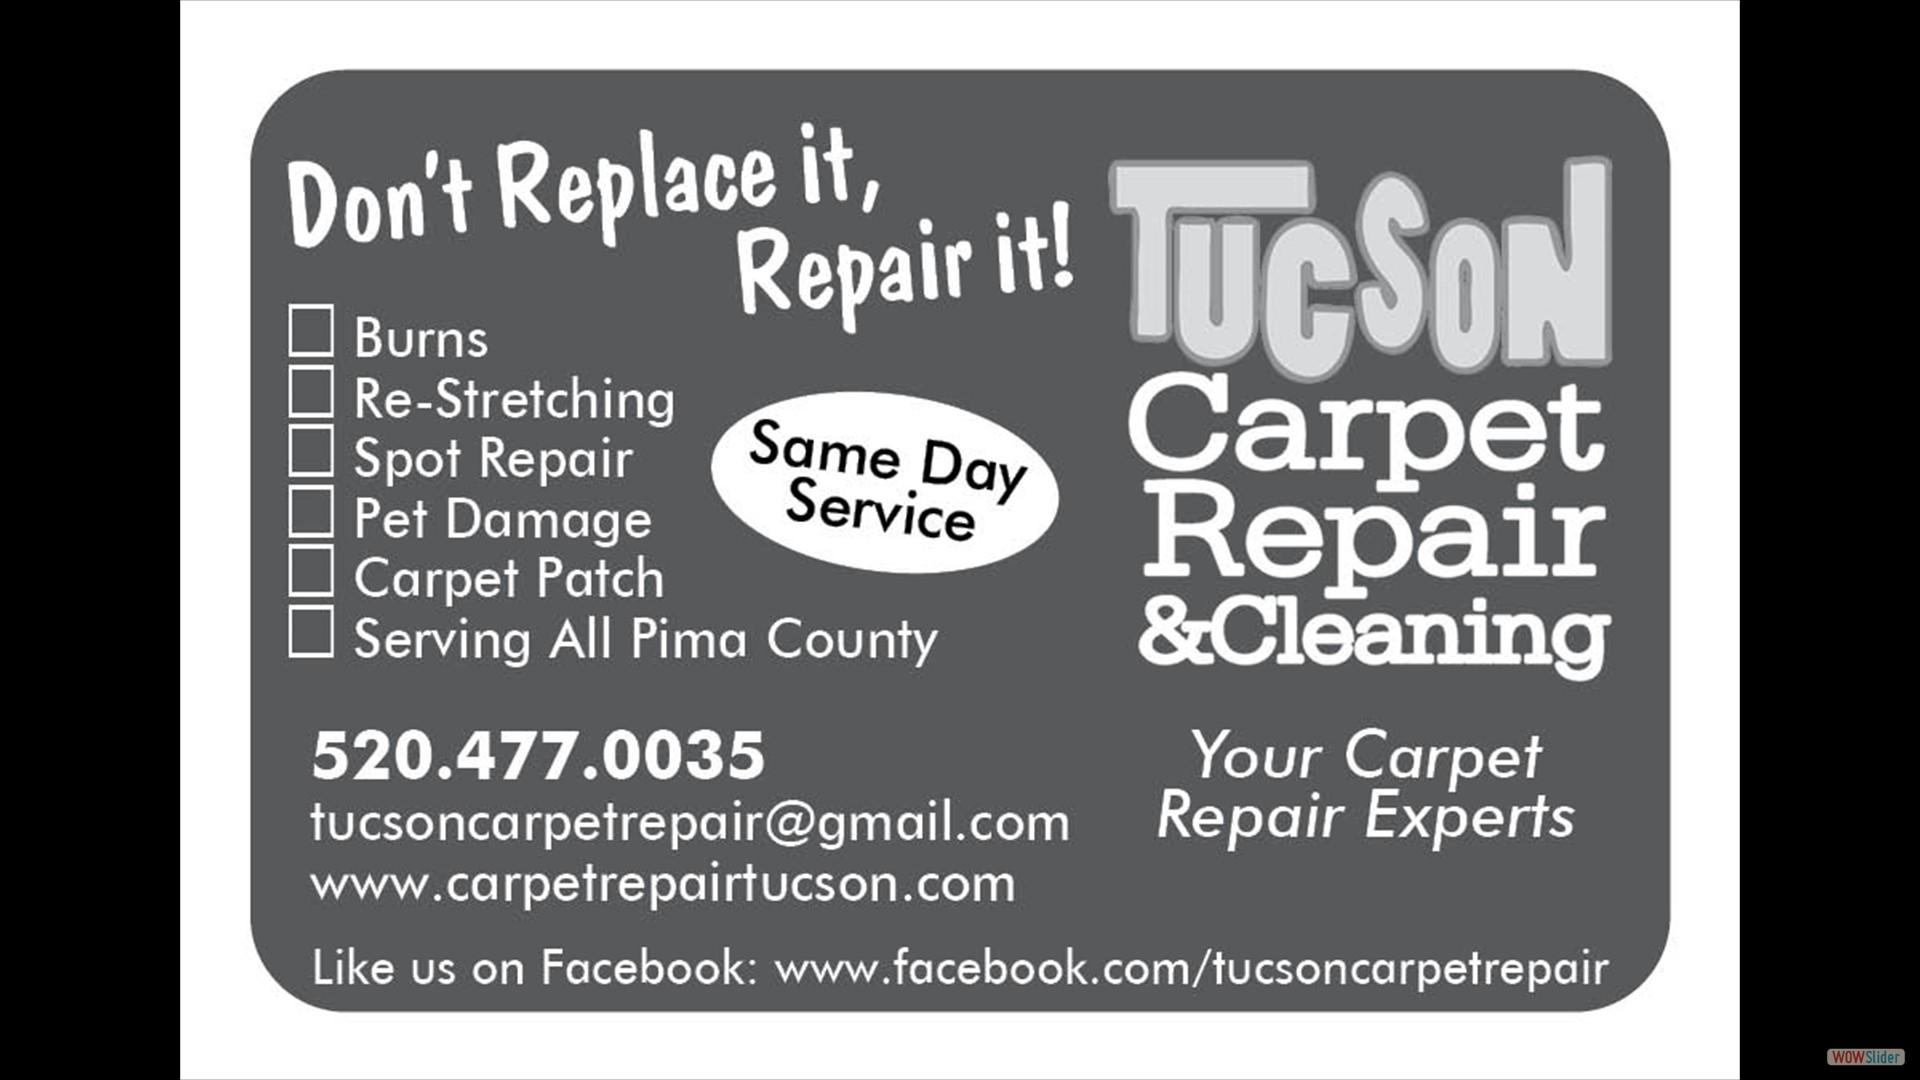 Tucson Carpet Repair